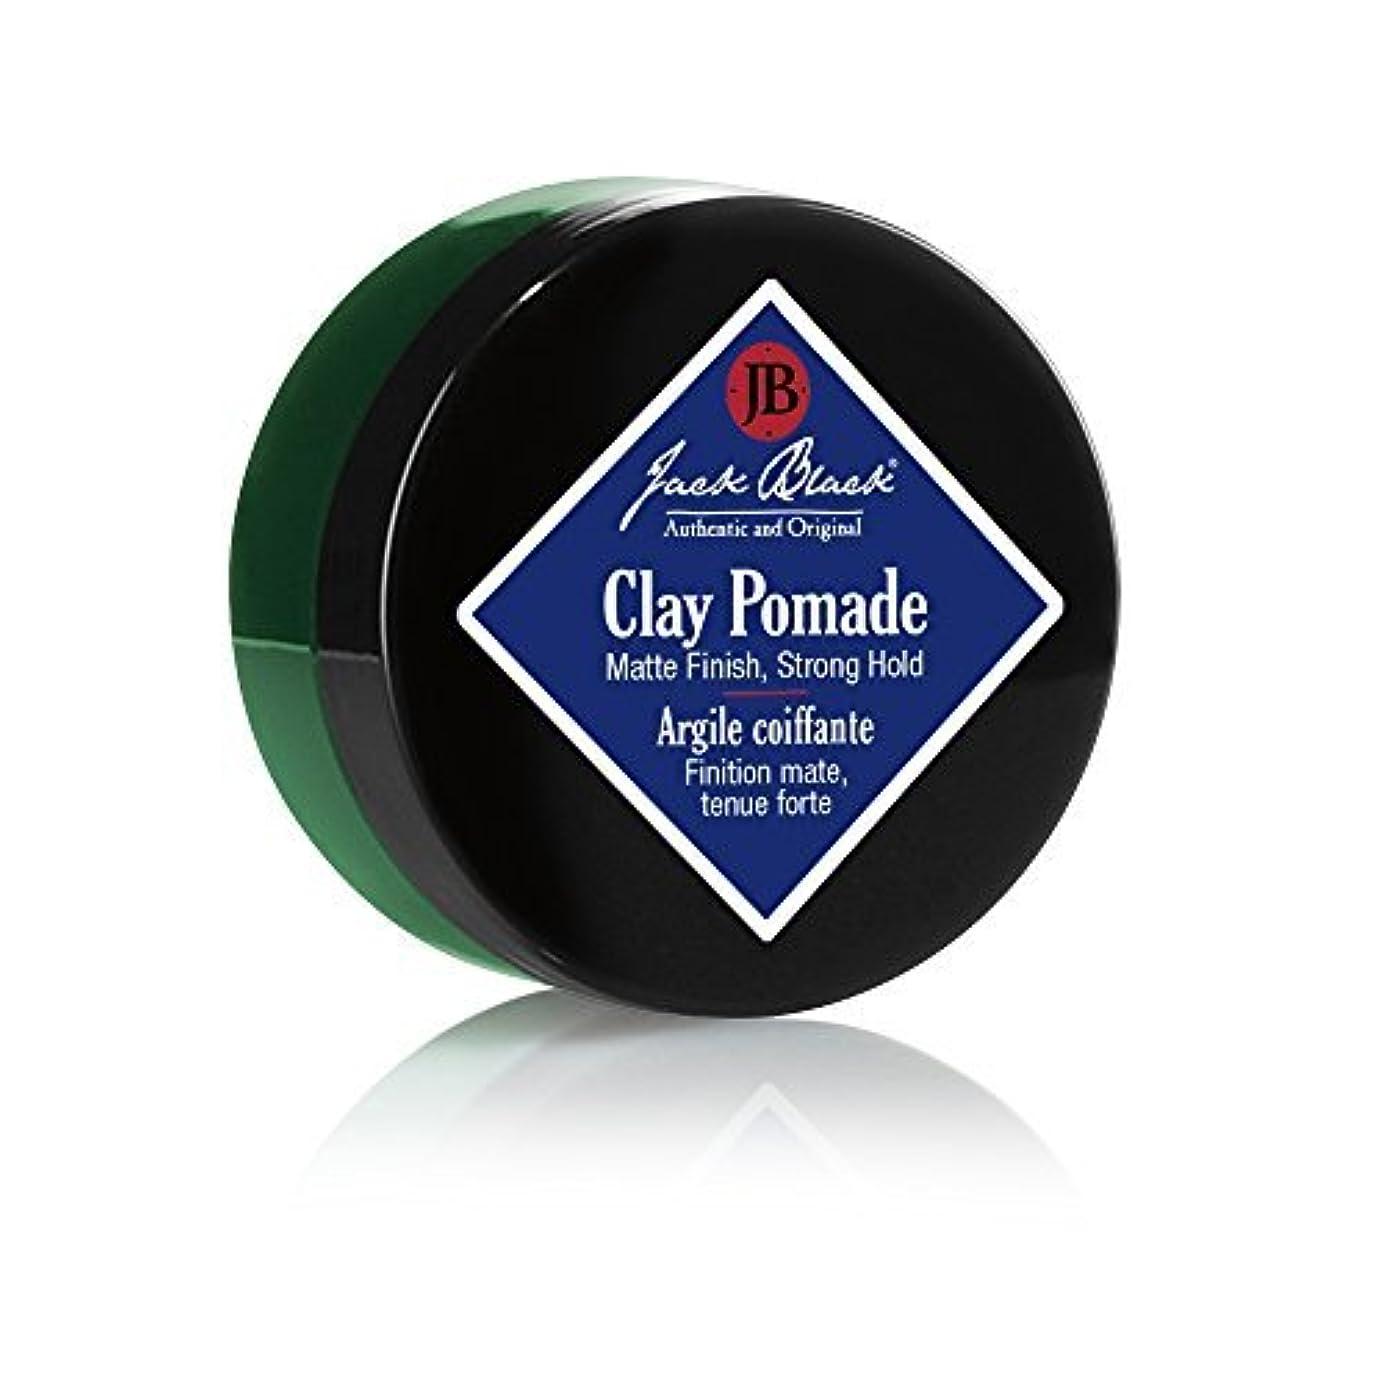 確かに不機嫌そうな狂気ジャックブラック Clay Pomade (Matte Finish, Strong Hold) 77g/2.75oz並行輸入品